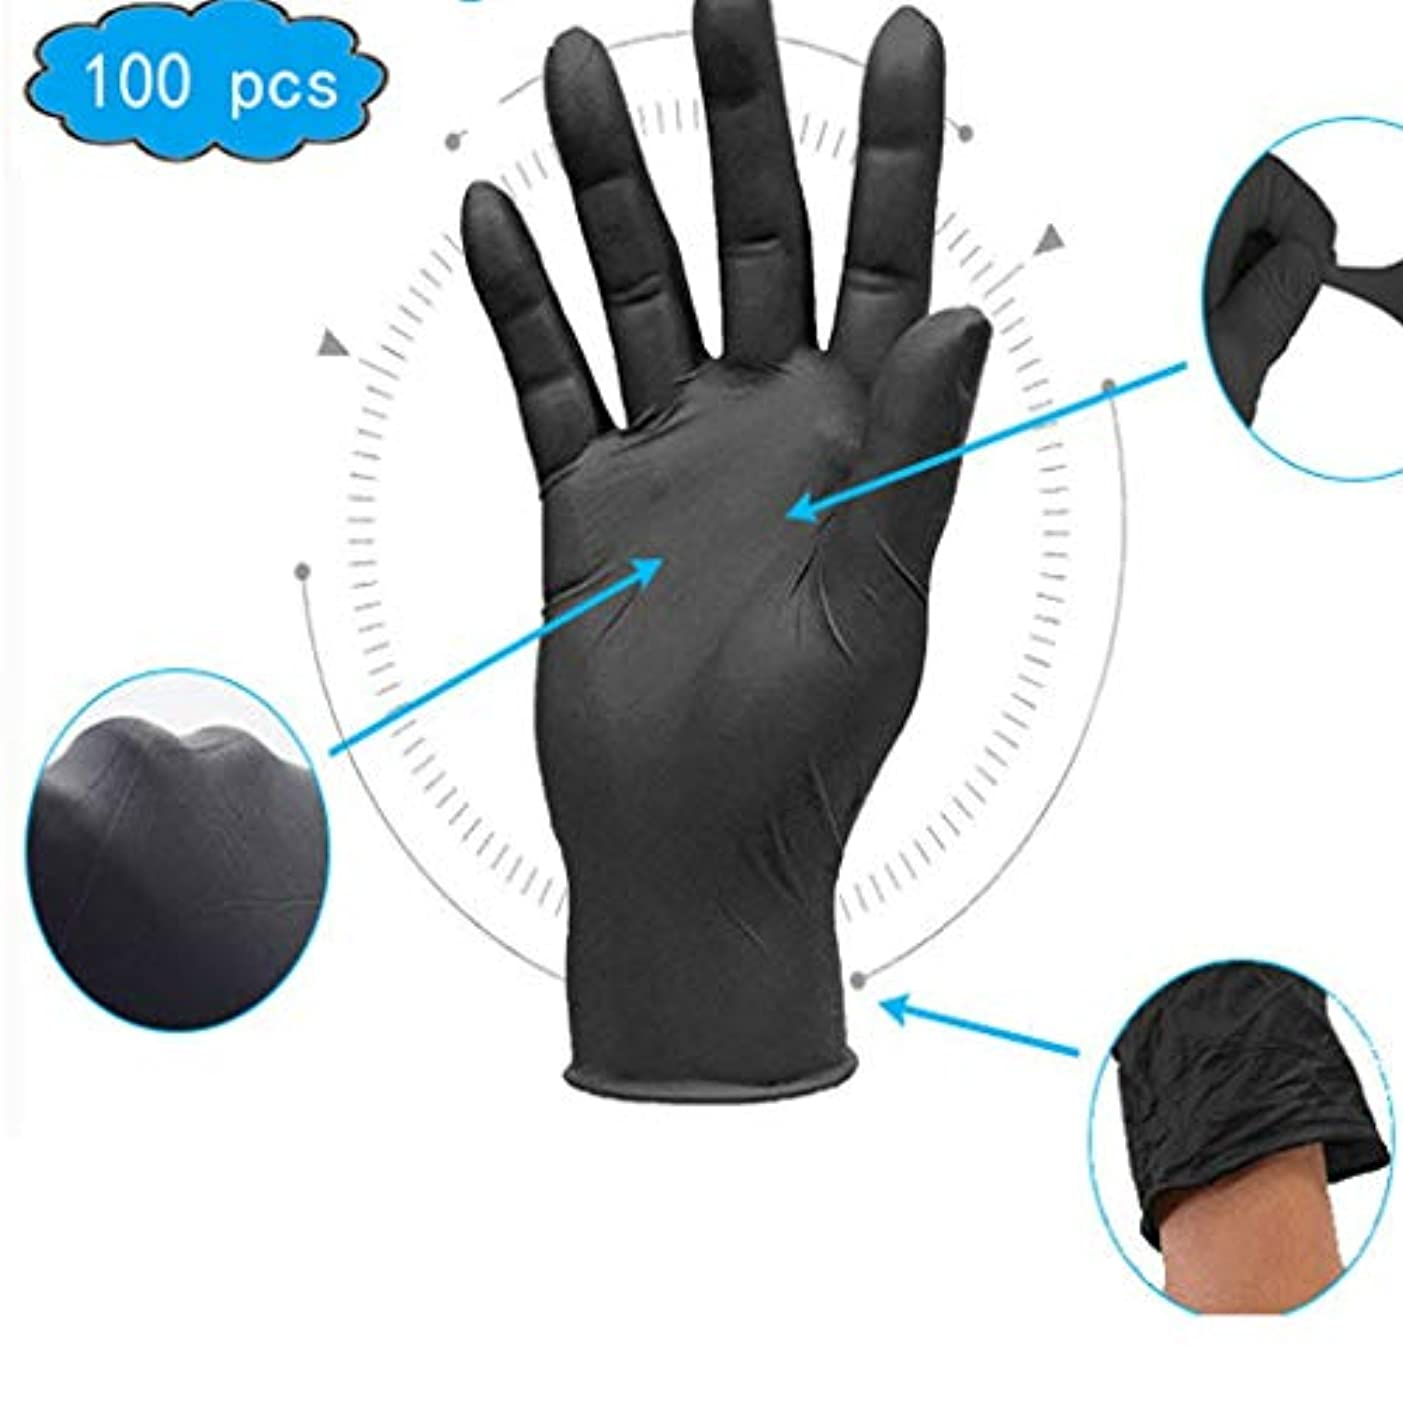 クレジット相手泳ぐ使い捨て手袋 - 健康における、パウダーフリー、ラテックスフリー、大型の100箱、サニタリーグローブ、家庭用ベビーケア用品、研究室および科学製品 (Color : Black, Size : XL)